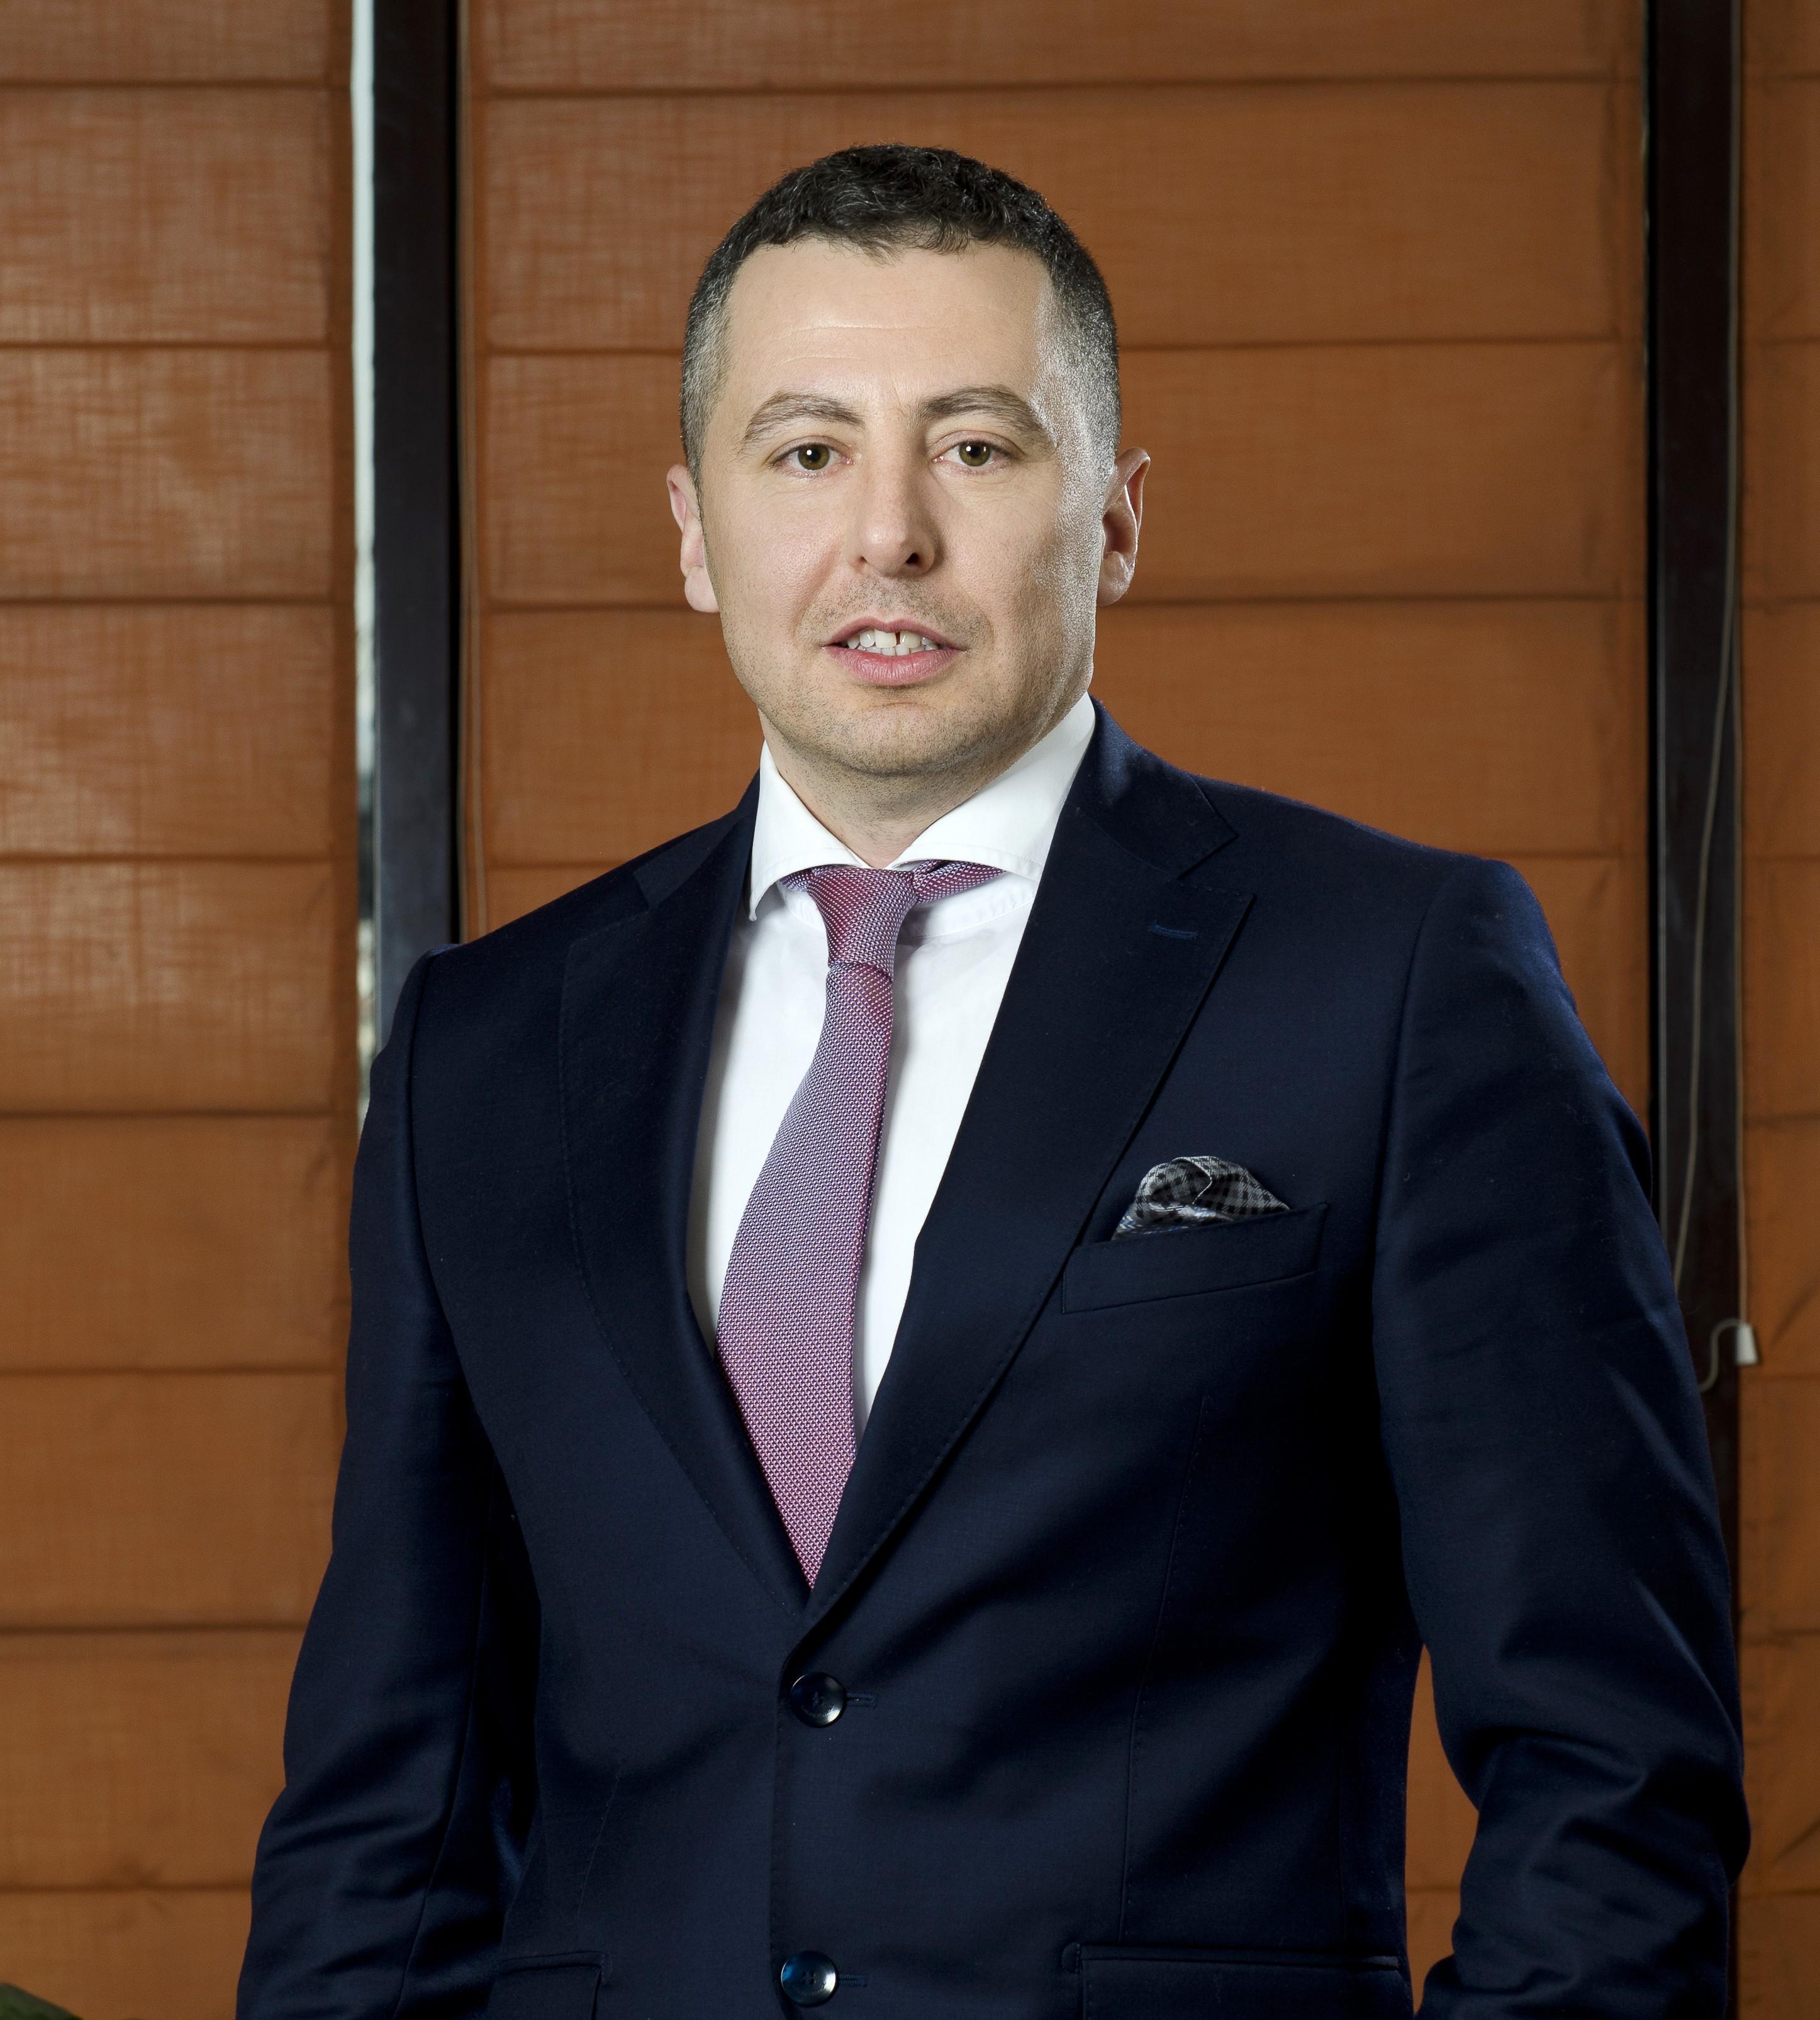 Mihai Tecau_Omniasig VIG